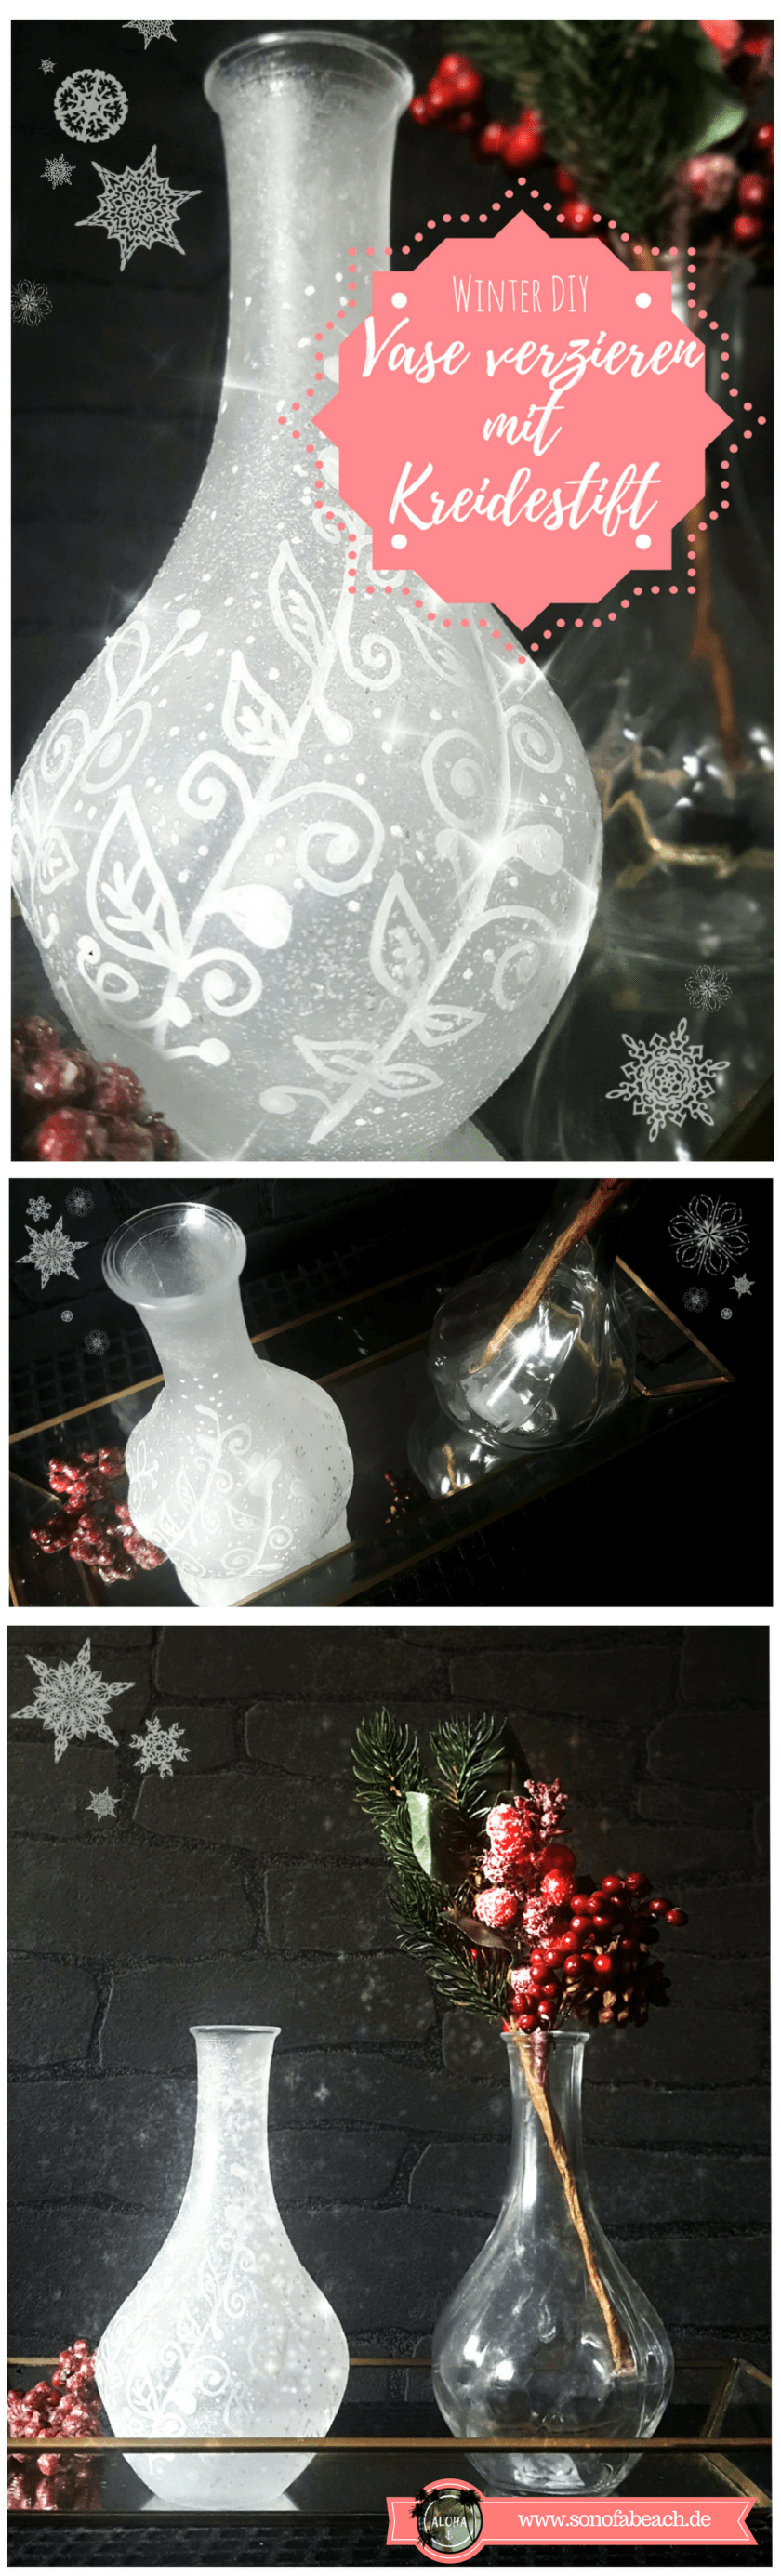 Weihnachtsdeko Diy Vase Mit Kreidestift Verzieren Sonofabeach De